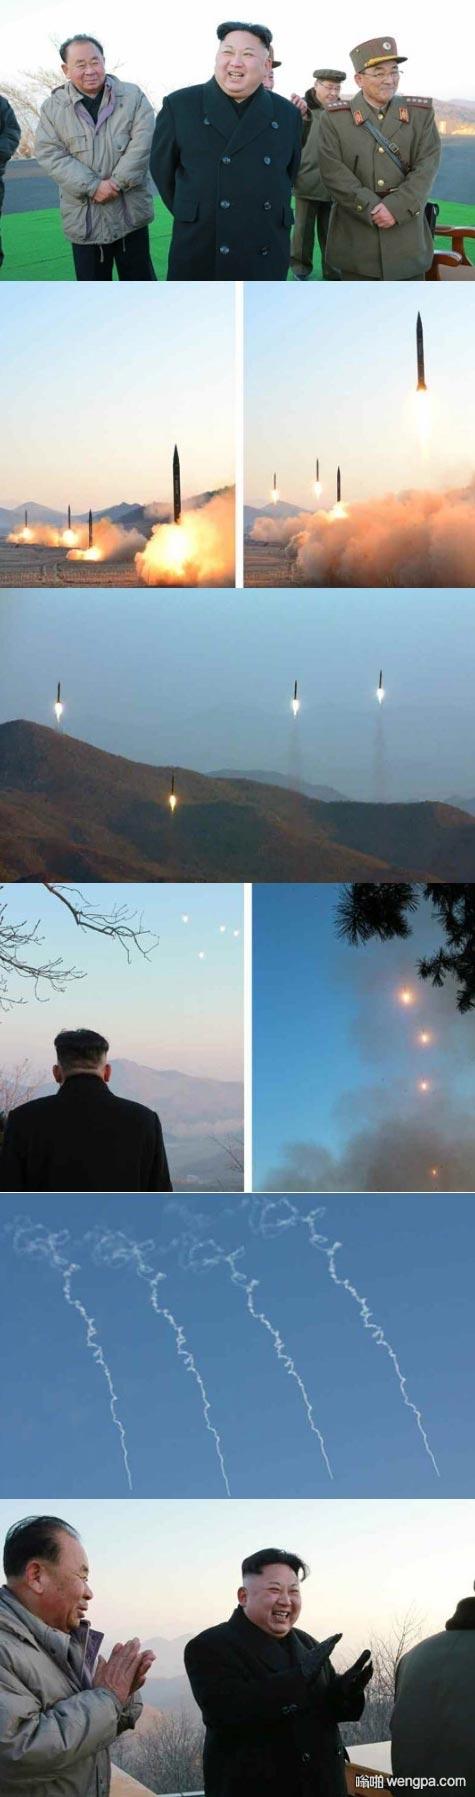 【金正恩搞笑图片】当超过八枚导弹齐射时 萨德将完全无效 - 嗡啪网